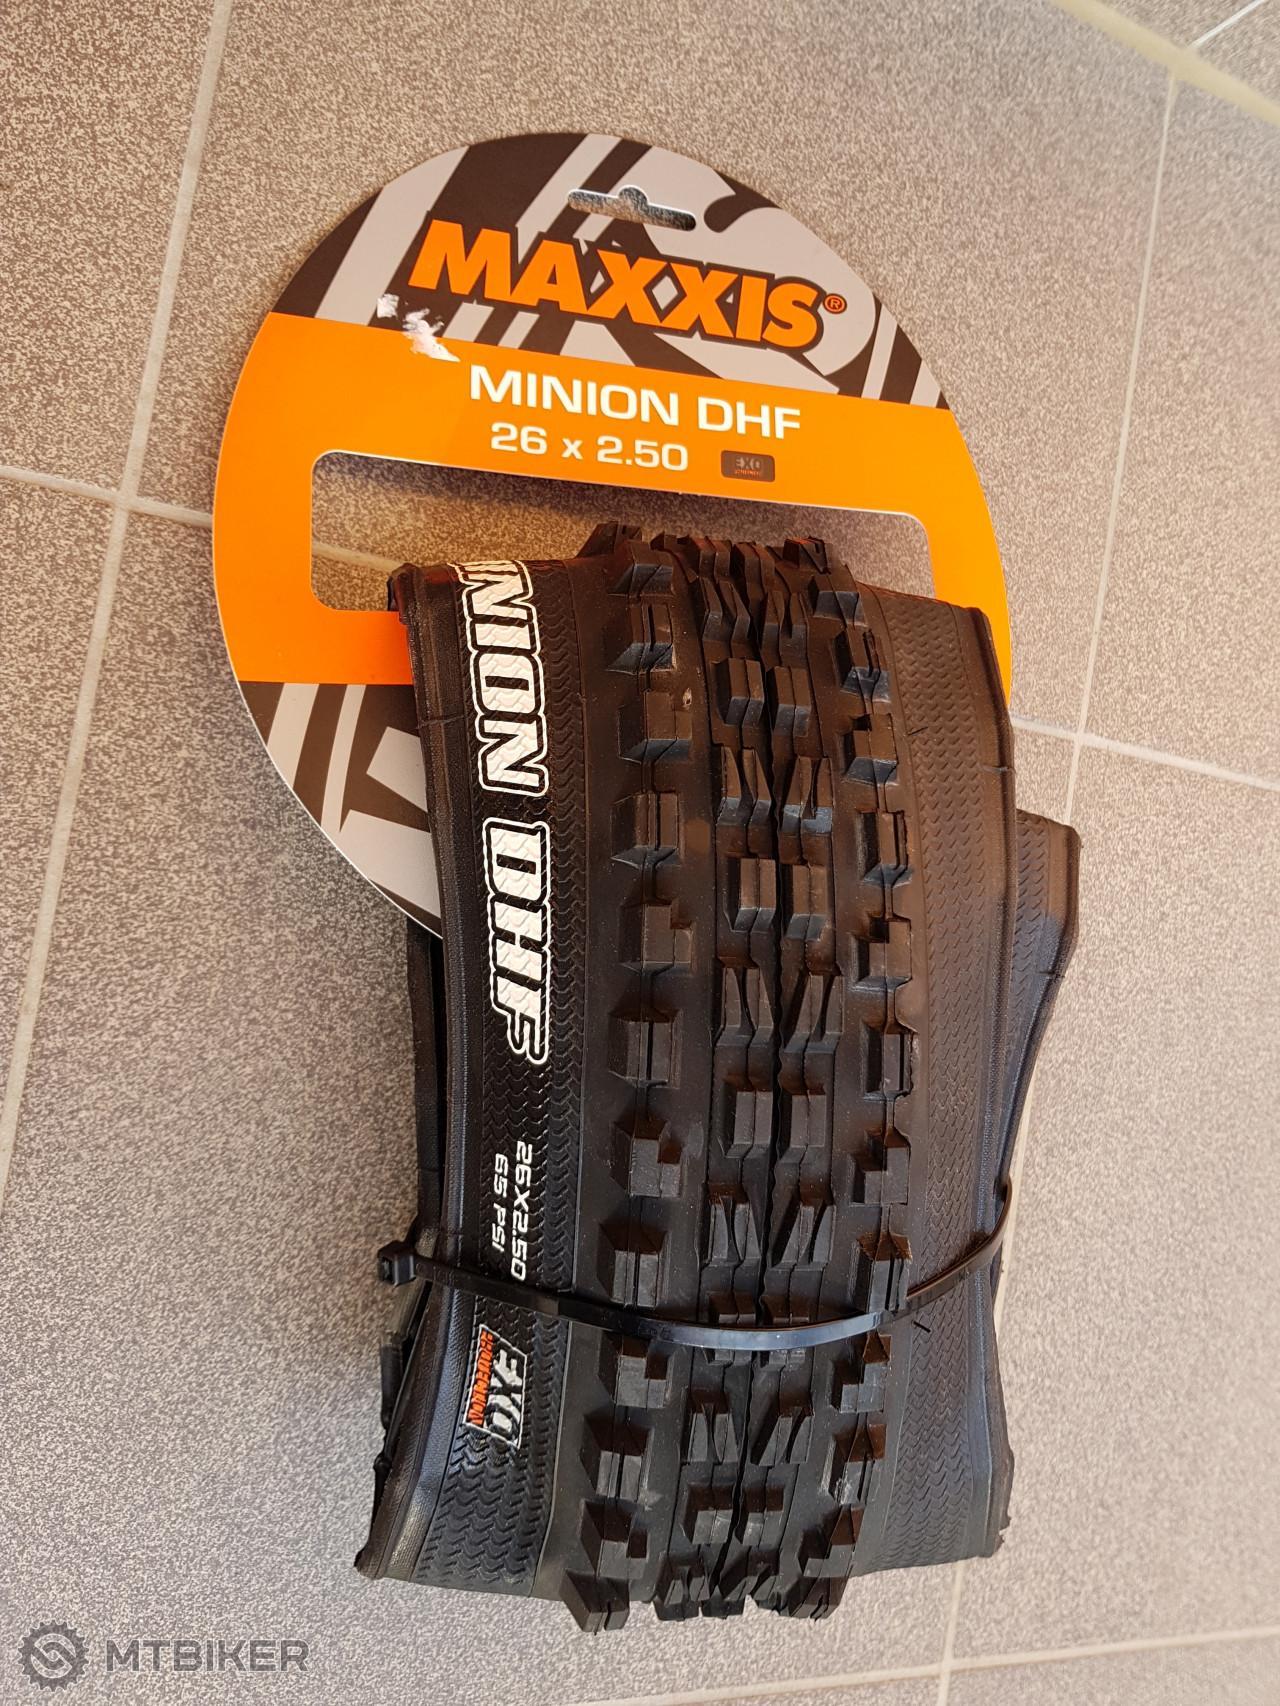 7fce6f56e312f Plášť Maxxis Minion Dhf 26x2.50 Kevlar Exo Mxp - Komponenty - Plášte -  Bazár MTBIKER